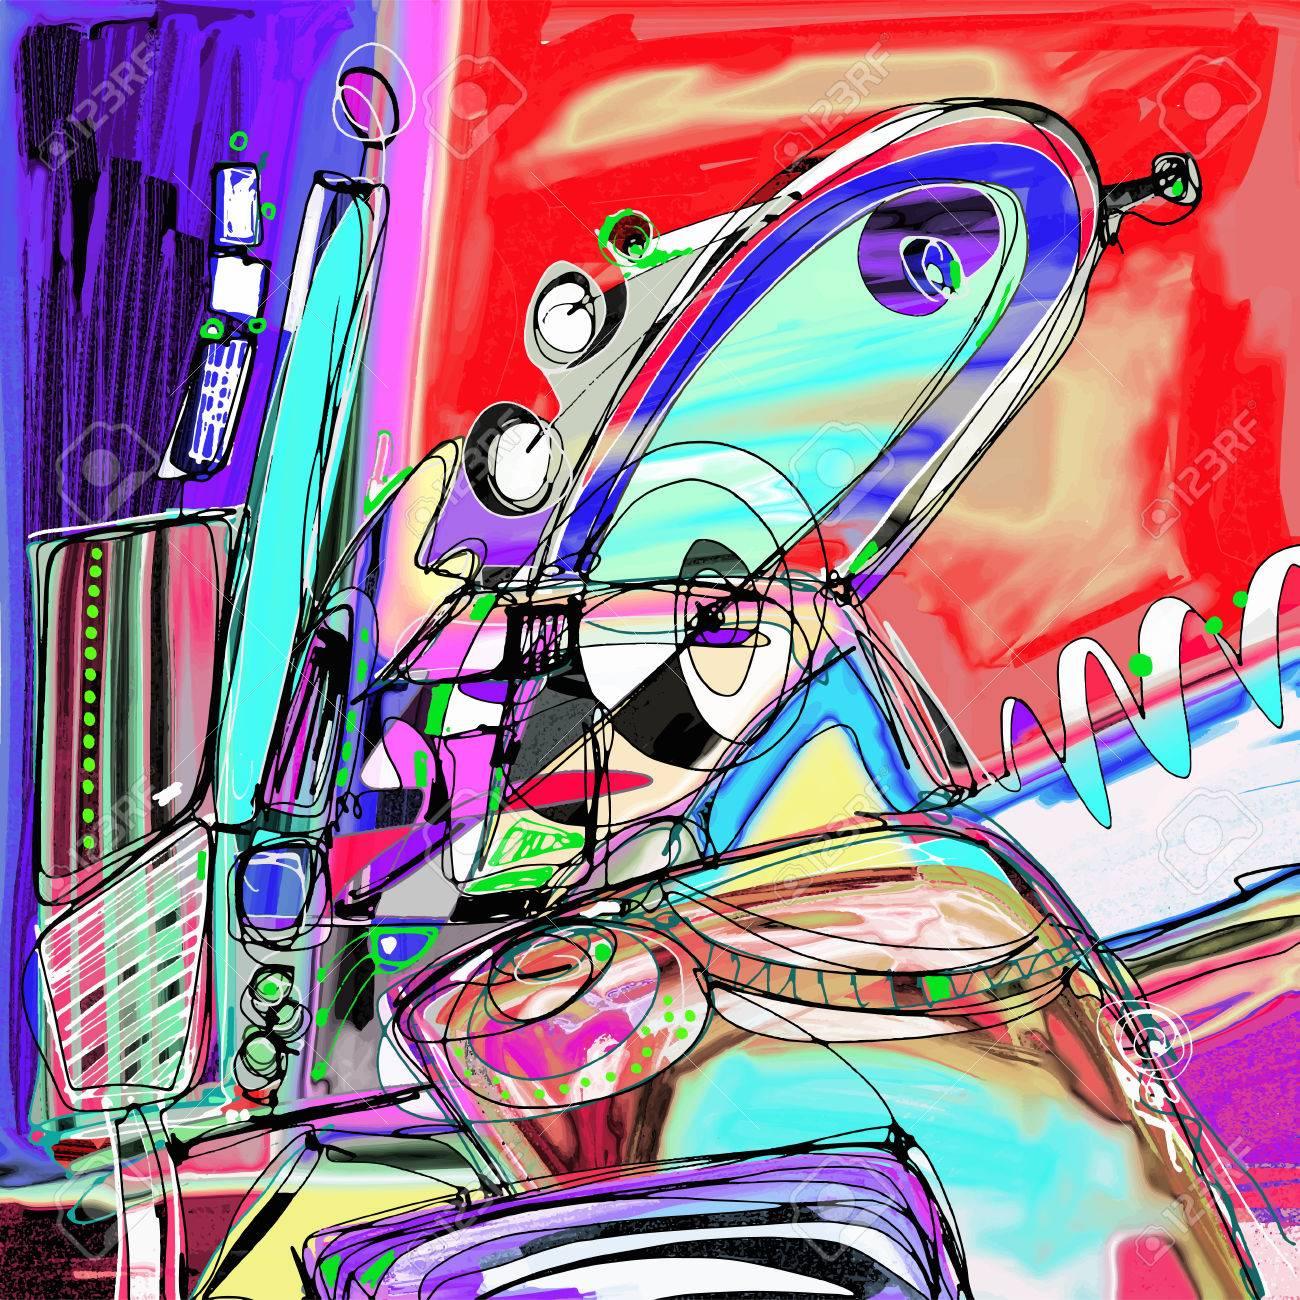 original illustration of abstract art digital painting, vector illustration - 61772149